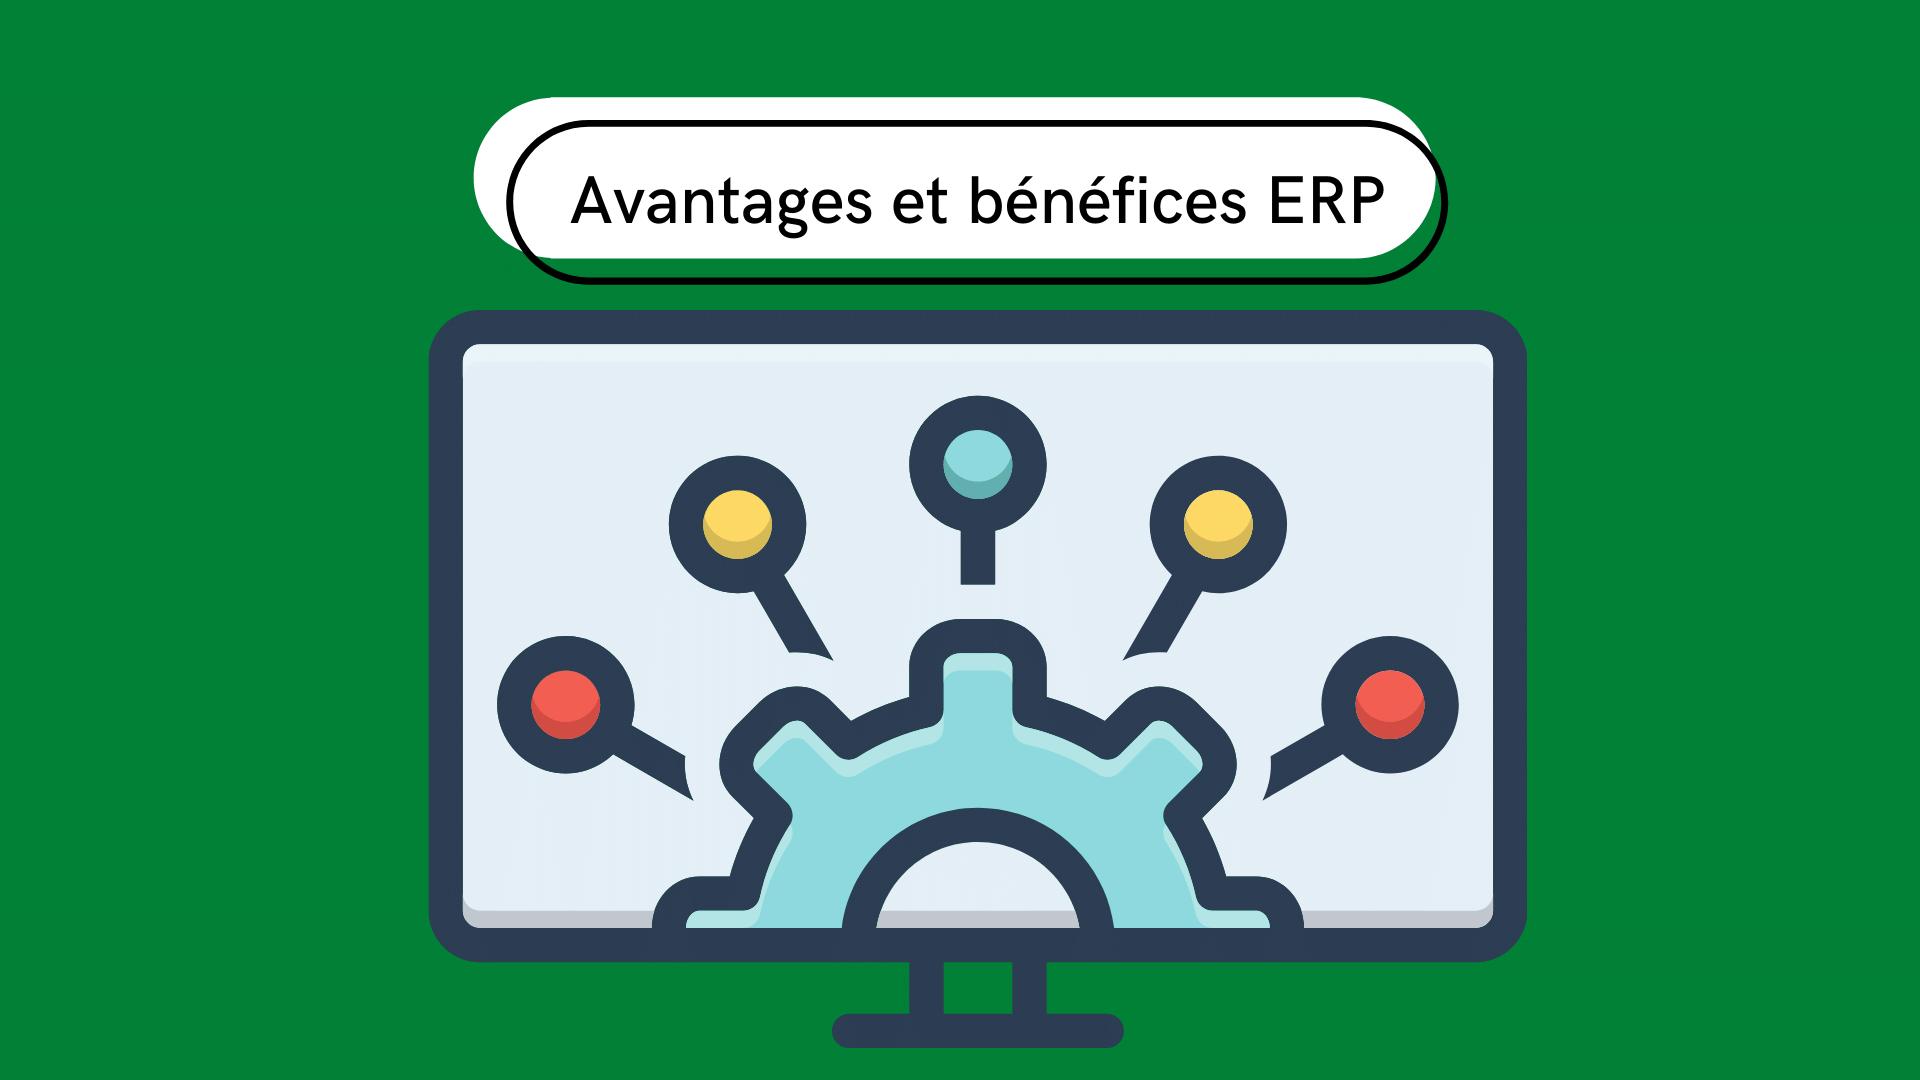 7 meilleurs avantages et bénéfices du logiciel ERP